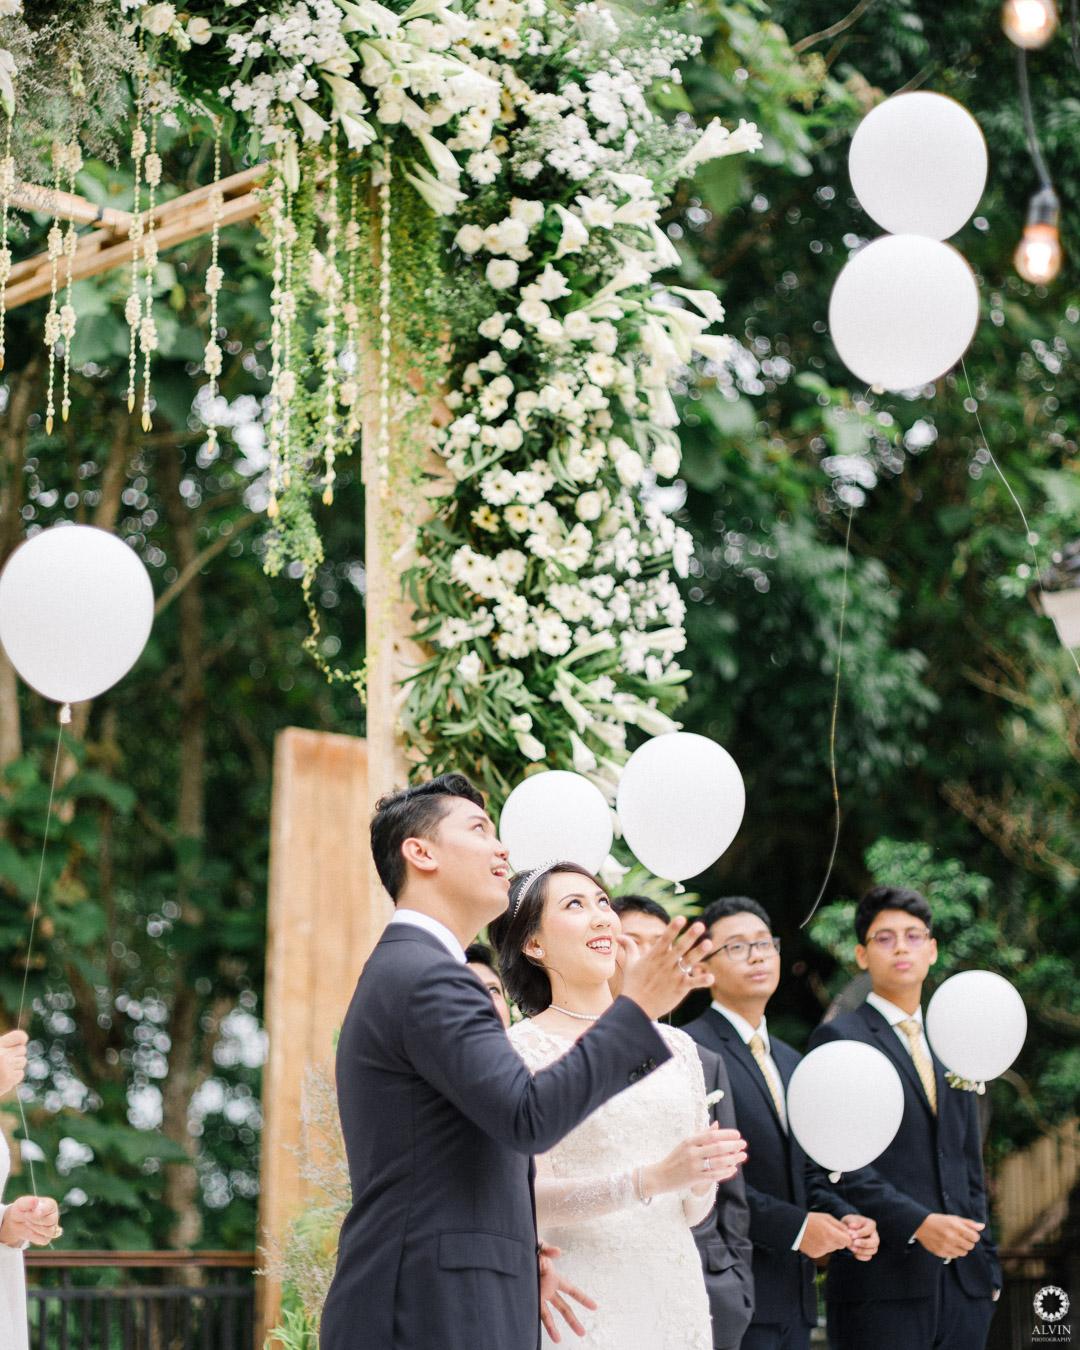 DSCF1133 : Dinda & Gonzaga Wedding